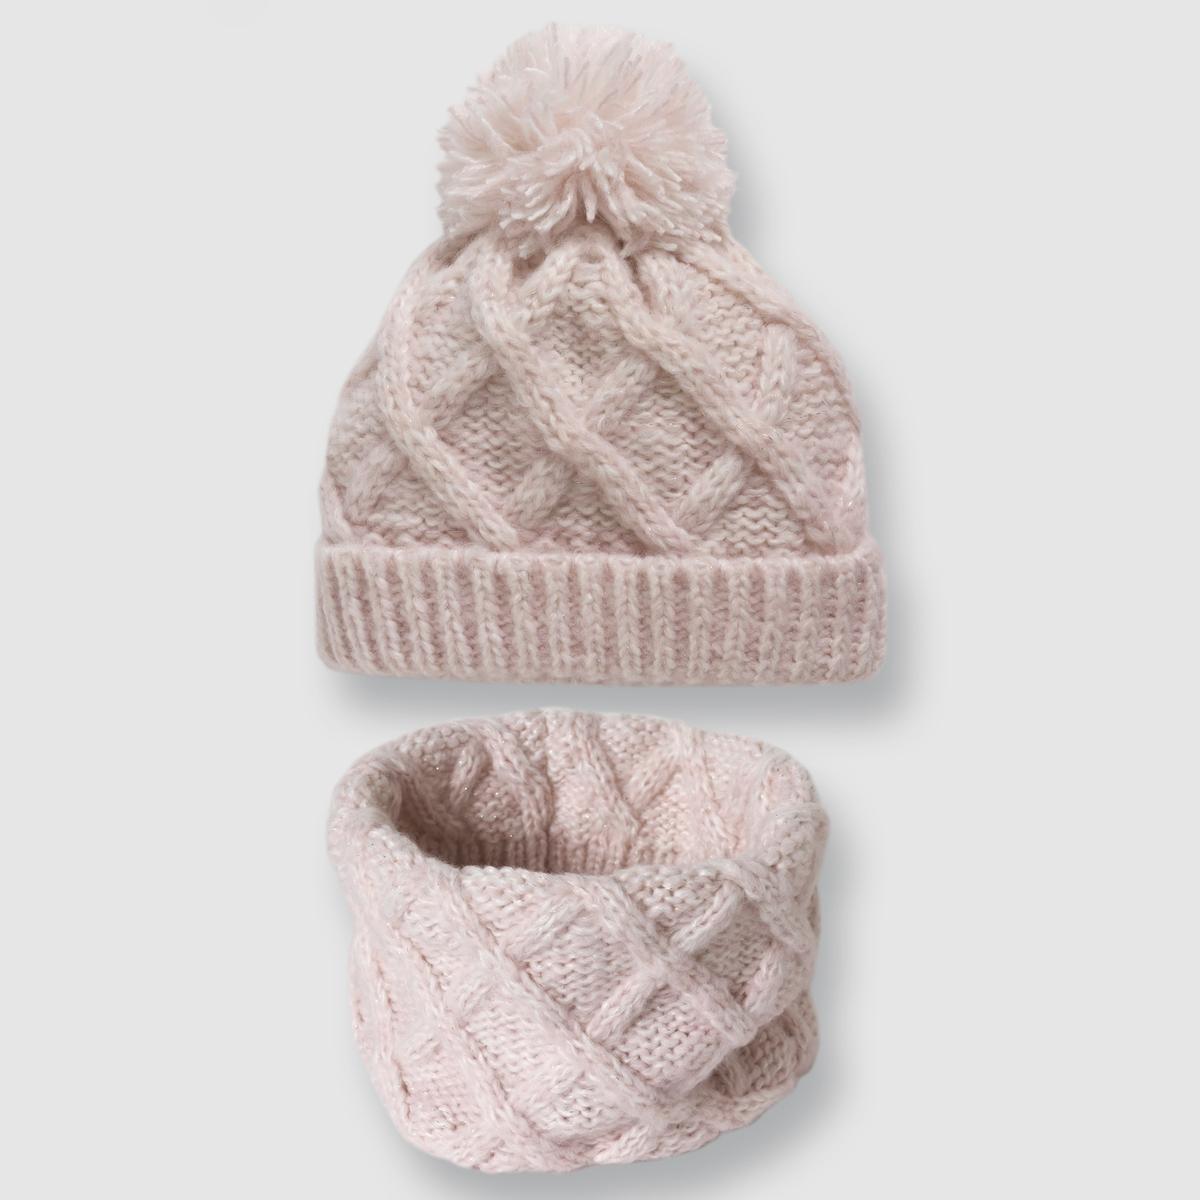 Шапочка и шарф крупной вязкиКомплект из шапочки и шарфа - R kids. Шапочка с помпоном и шарф с эффектом крупной вязки из трикотажа меланж  . Отличный комплект для зимних холодов .Состав и описание :Размер : один размерМатериал : 98% акрила, 1% полиэстера, 1% металлизированных волокон  Размер : ширина 26 см, длина 34 см Марка : R kids<br><br>Цвет: розовый,серый<br>Размер: 50 см.56 см